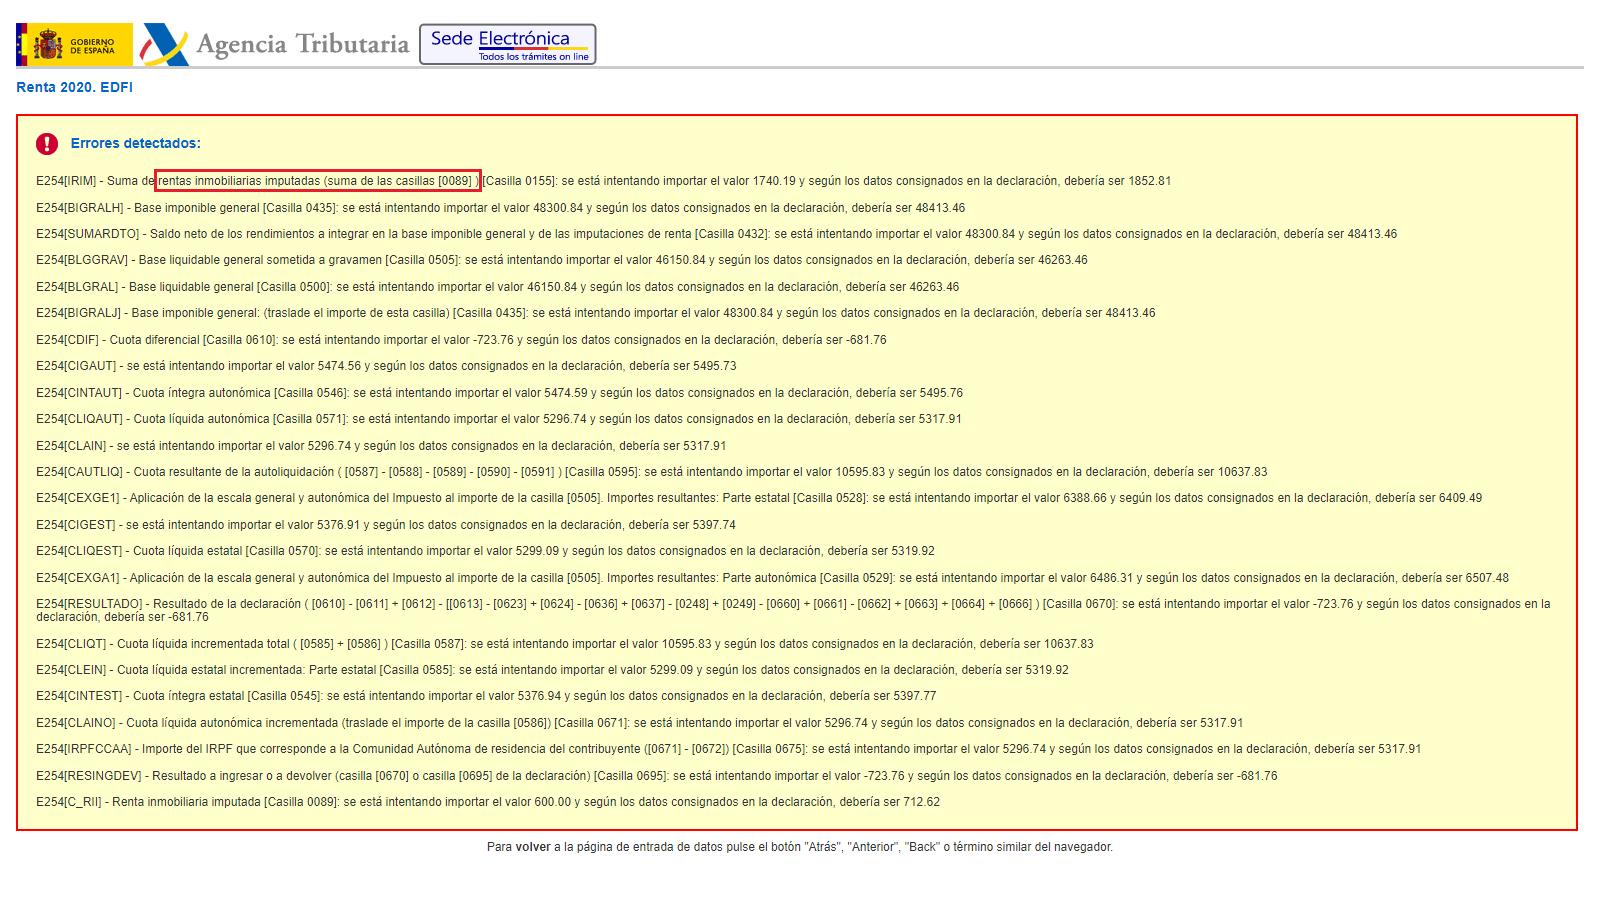 E254[IRIM] - Suma de rentas inmobiliarias imputadas (suma de las casillas [0089] ) [Casilla 0155]: se está intentando importar el valor 1740.19 y según los datos consignados en la declaración, debería ser 1852.81